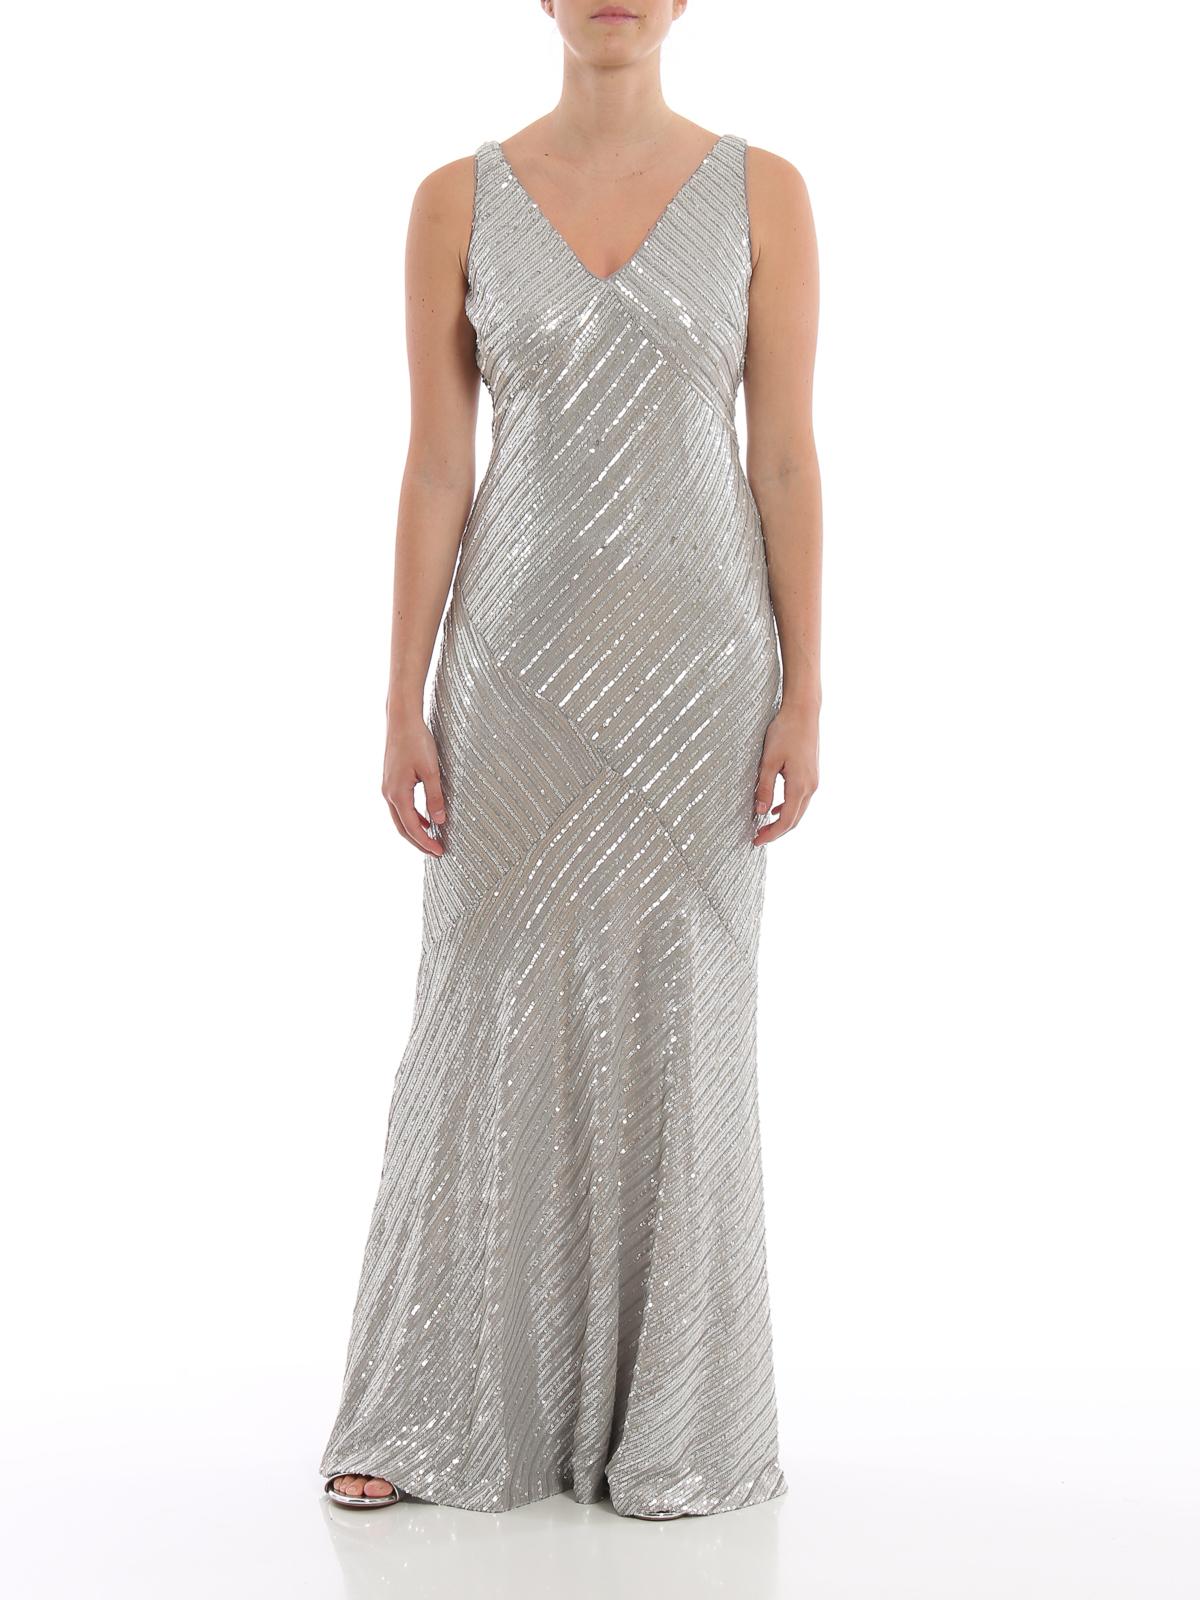 Ralph Lauren - Abendkleid - Silber - Abendkleider - 15